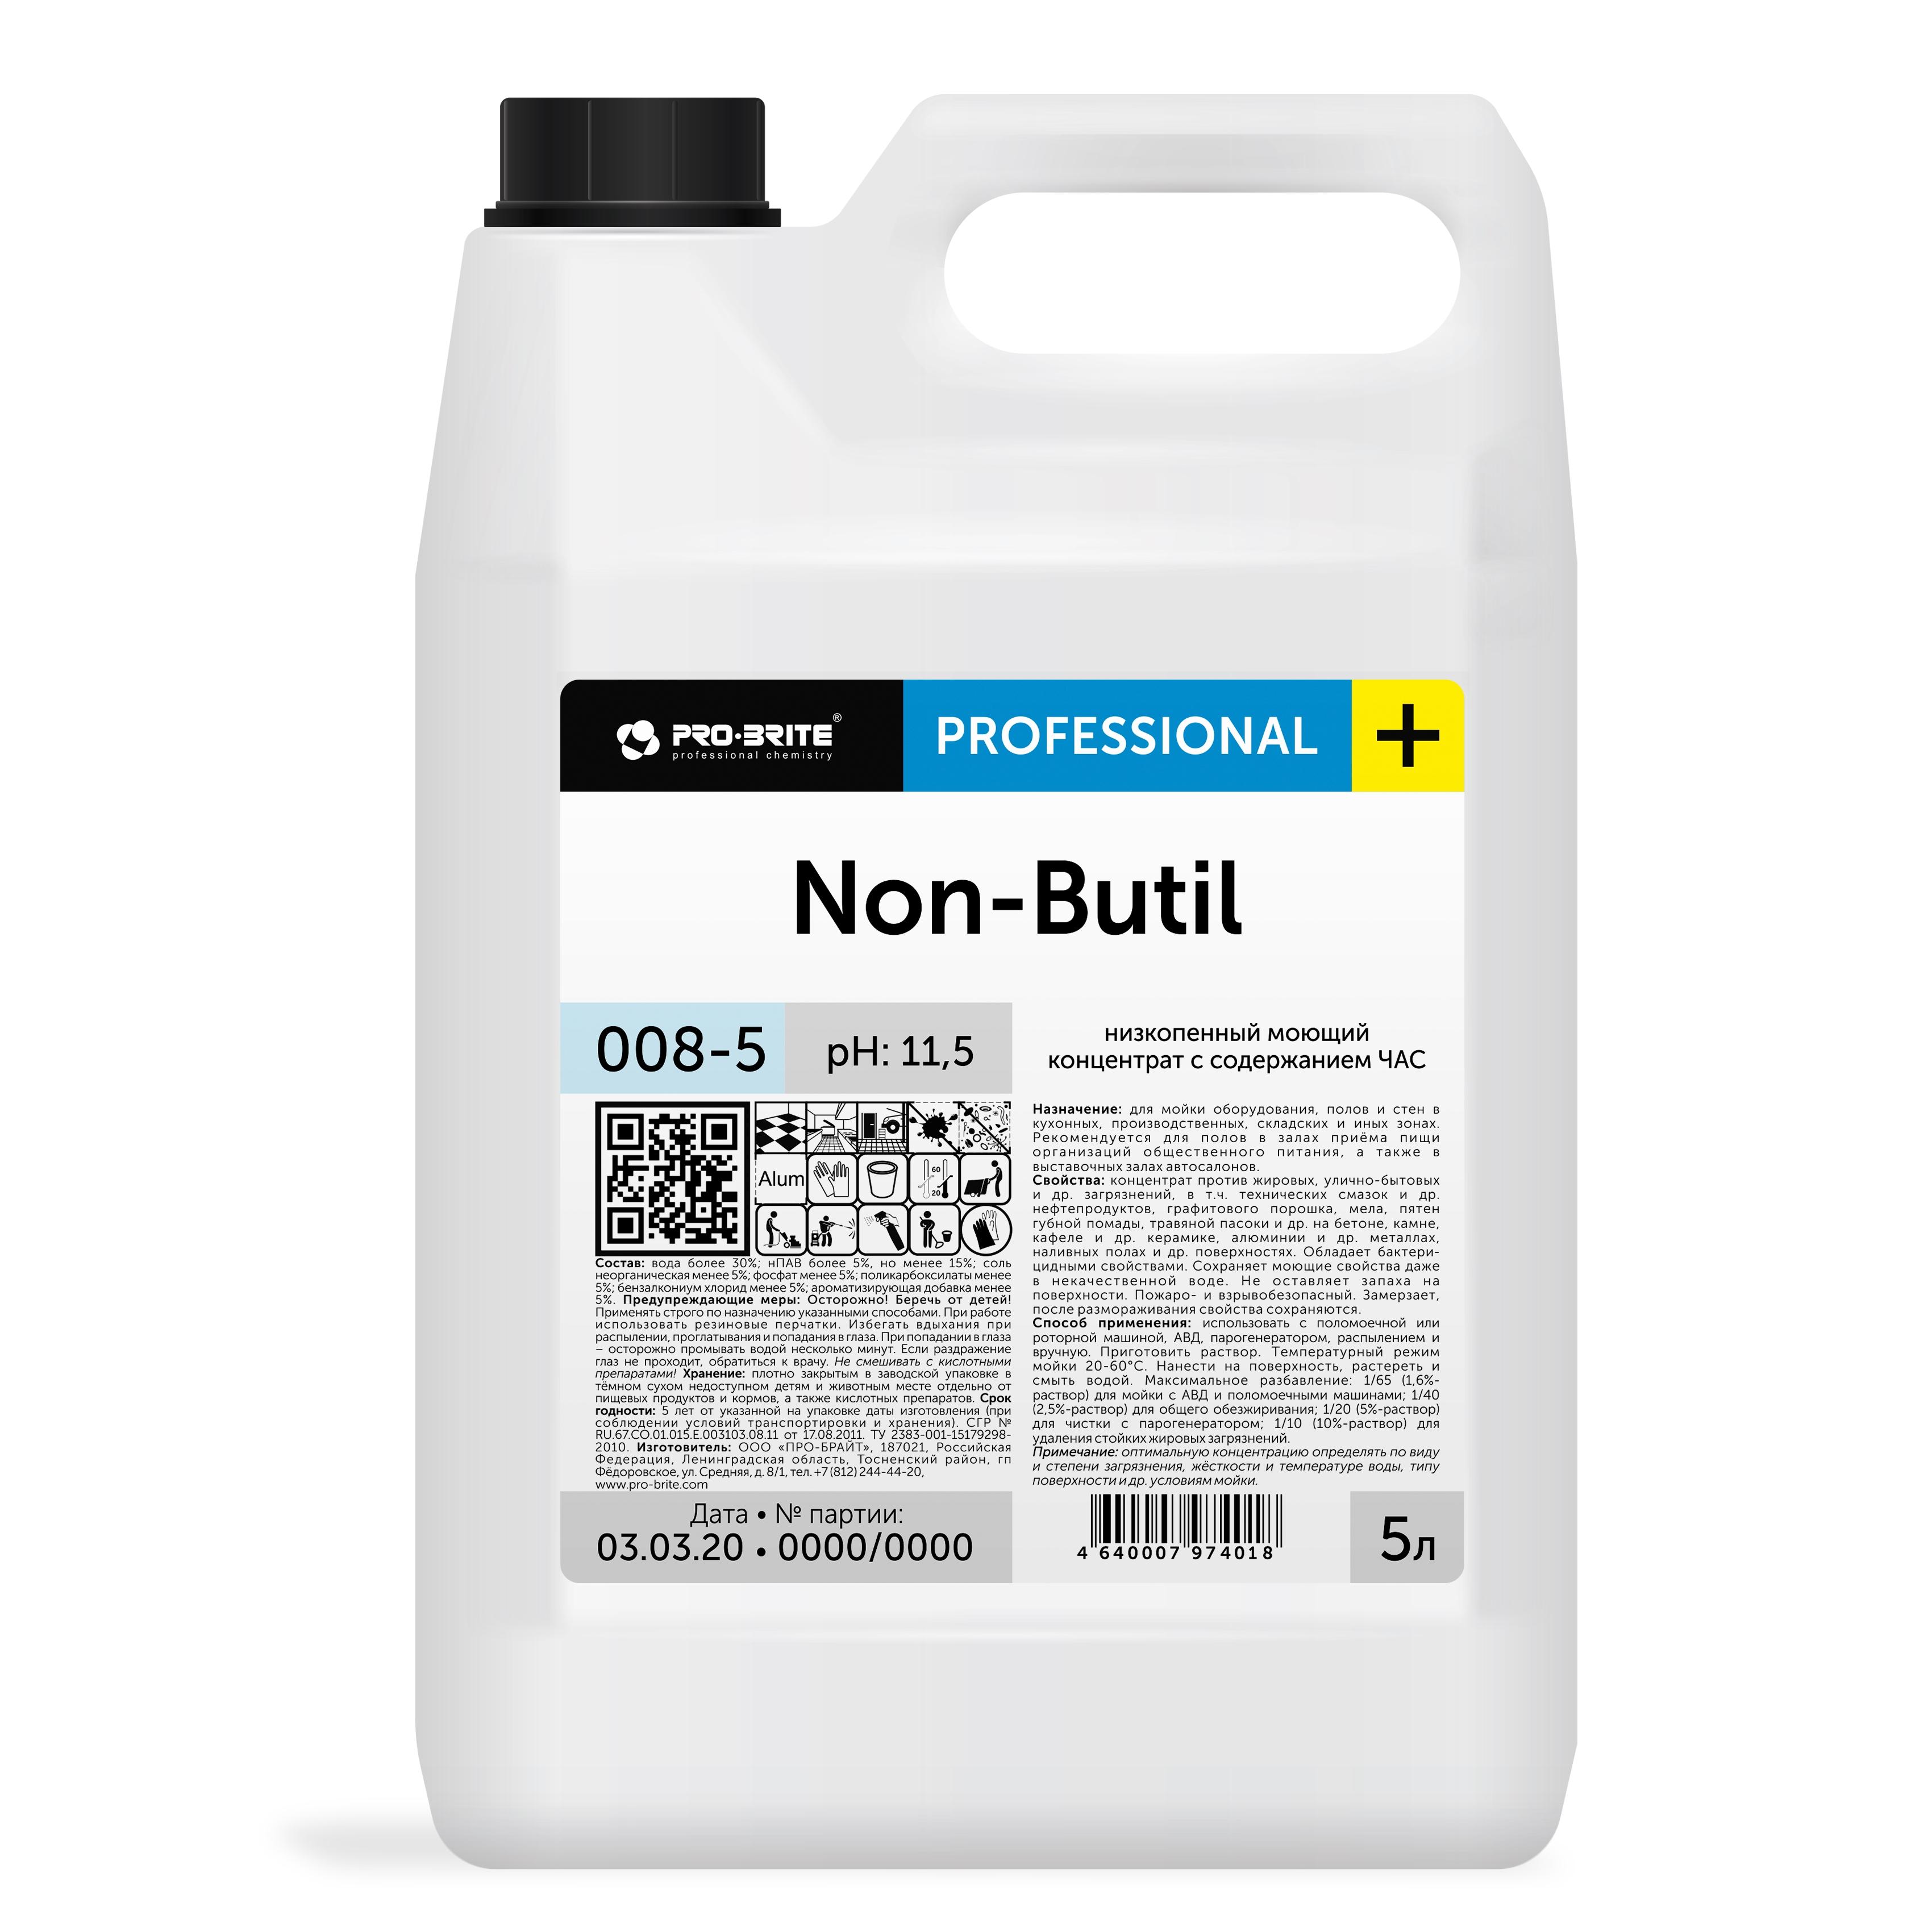 Средство моющее для полов, поверхностей Pro-Brite Non-Butil, 5л, против жир.загрязнений, с дез.эф-ом